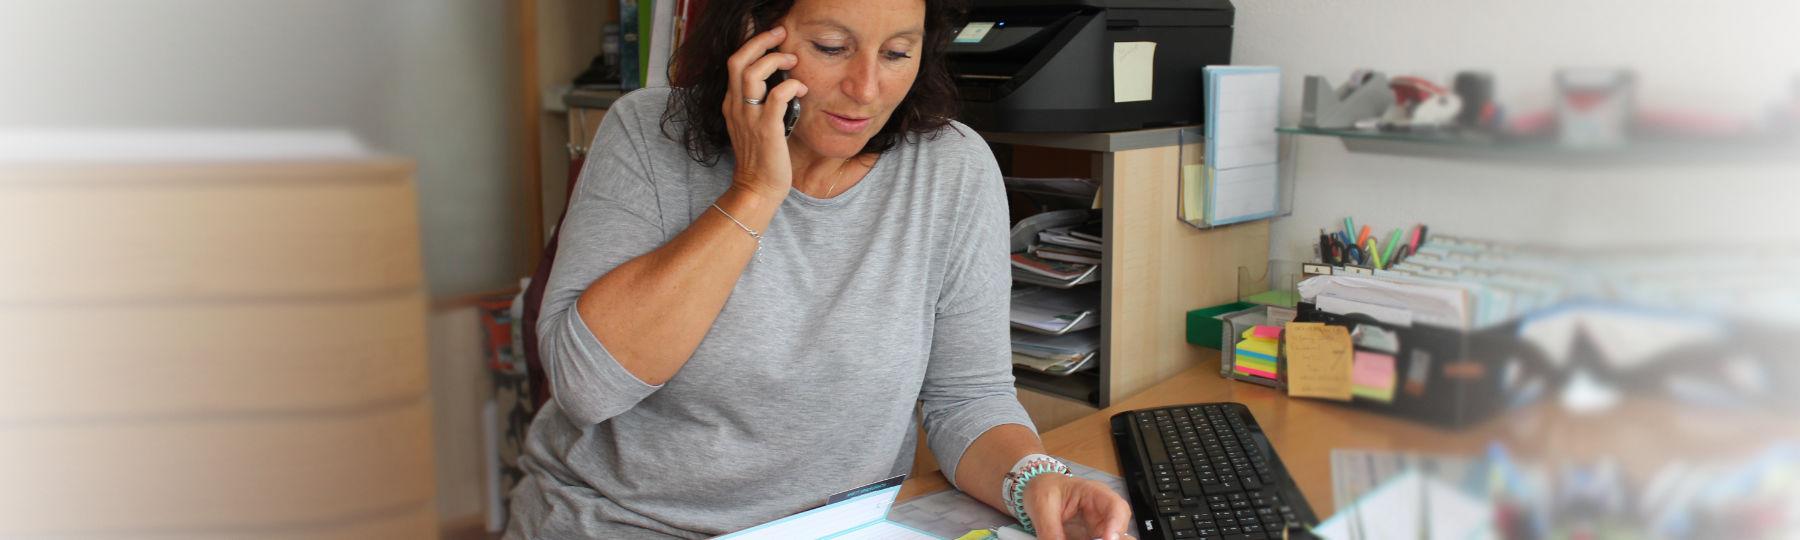 Thekla Undine Hartmann beim telefonieren